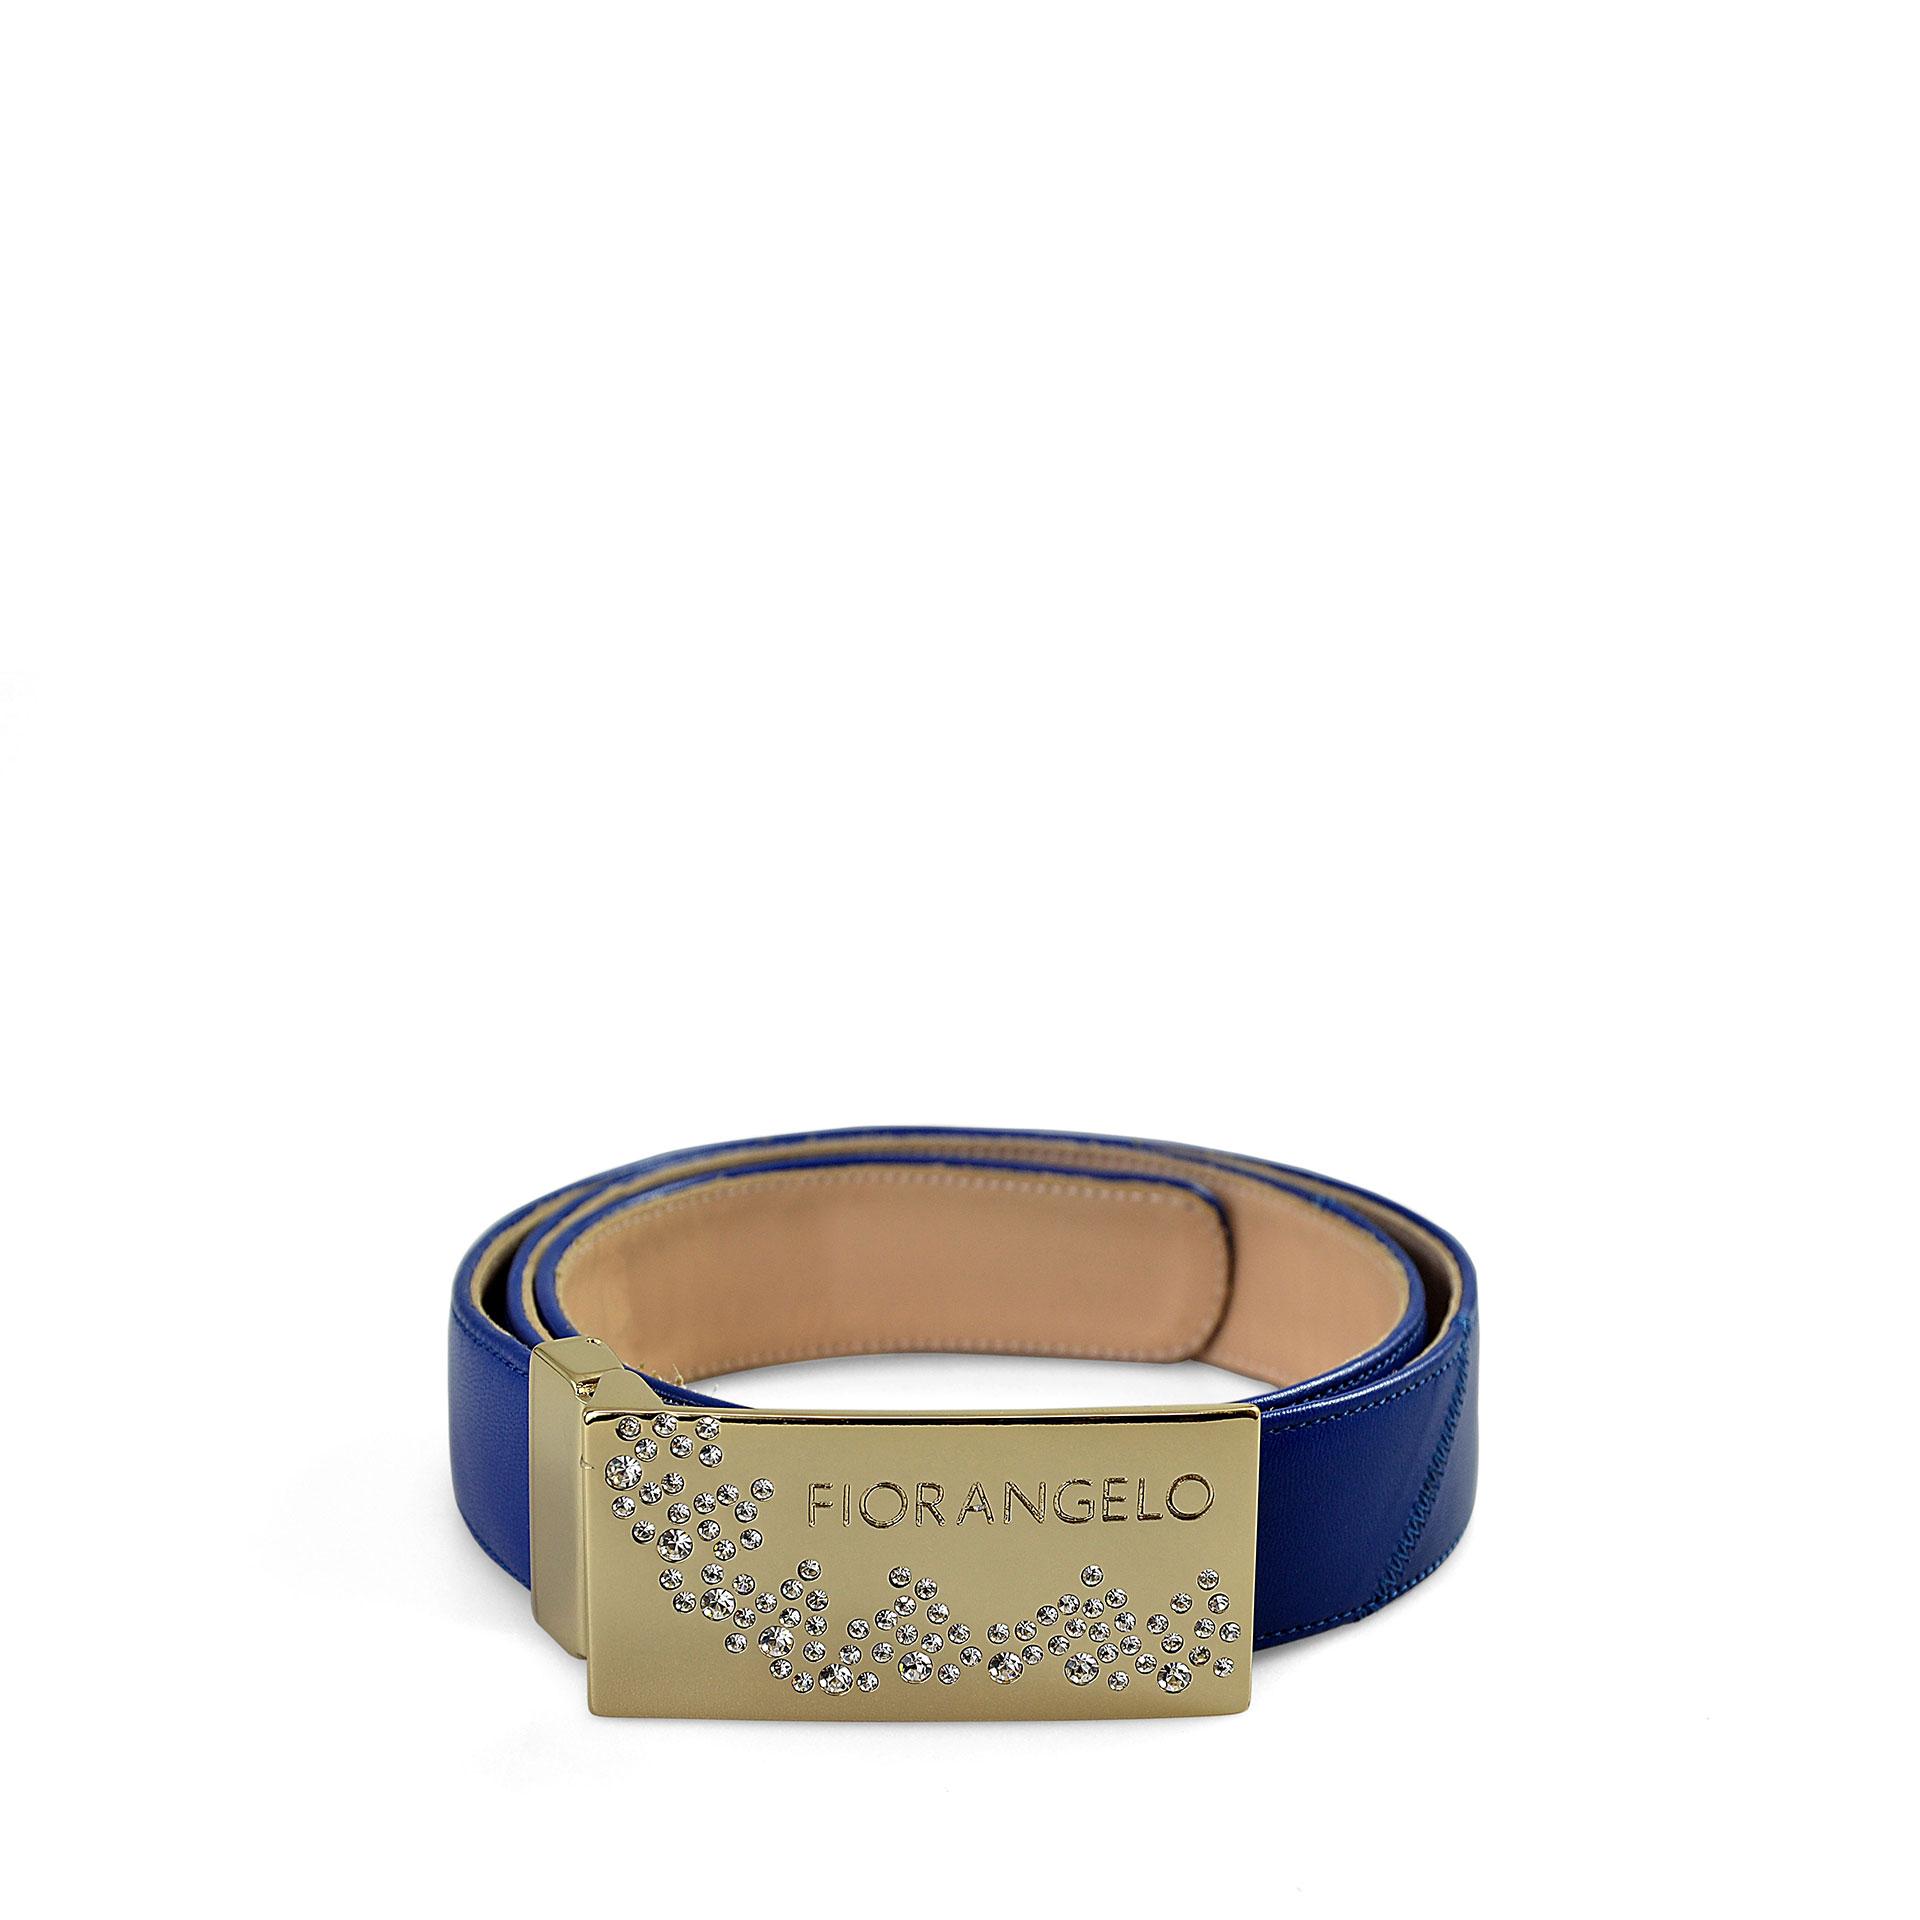 BELTS FIORANGELO WOMAN SS2021 ART. 30780 BLUE